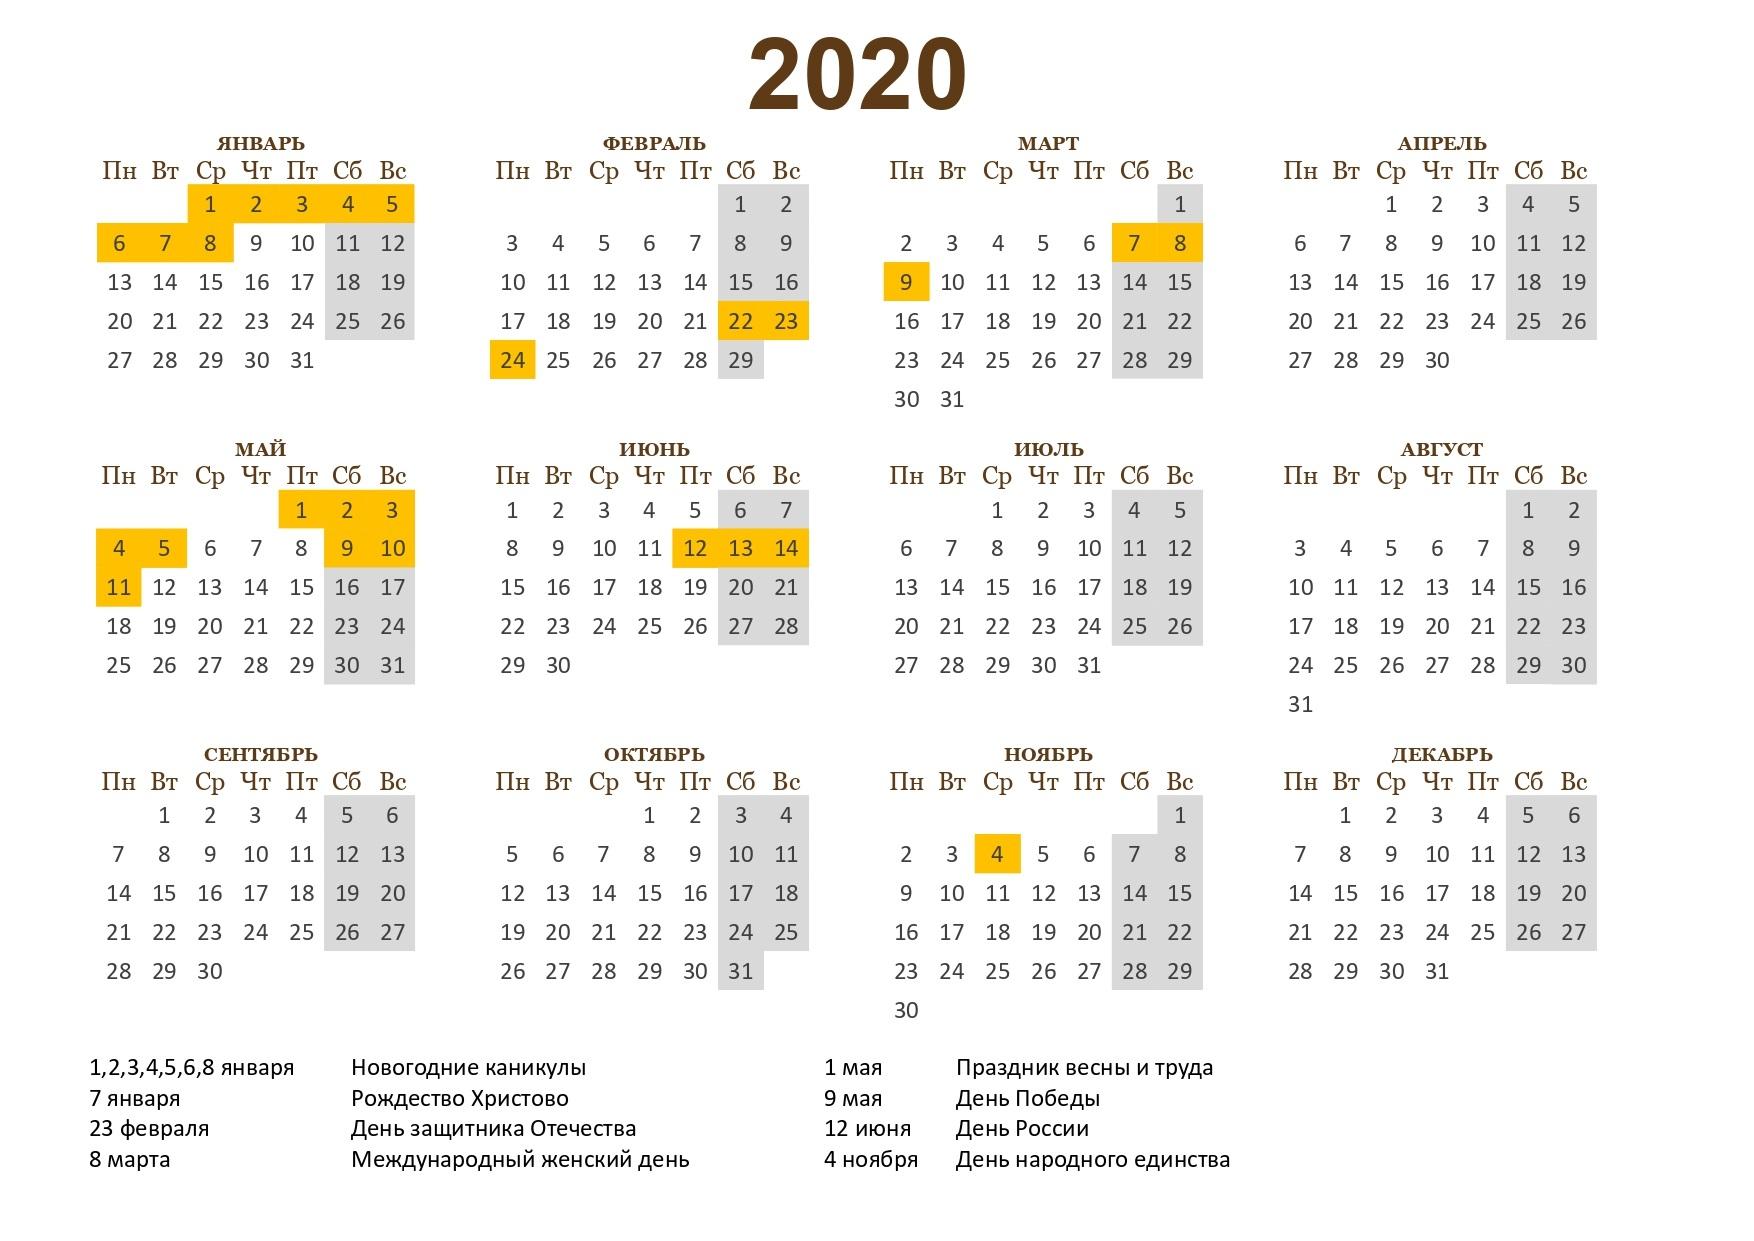 Утвержден Календарь Выходных И Праздников На 2020 Год